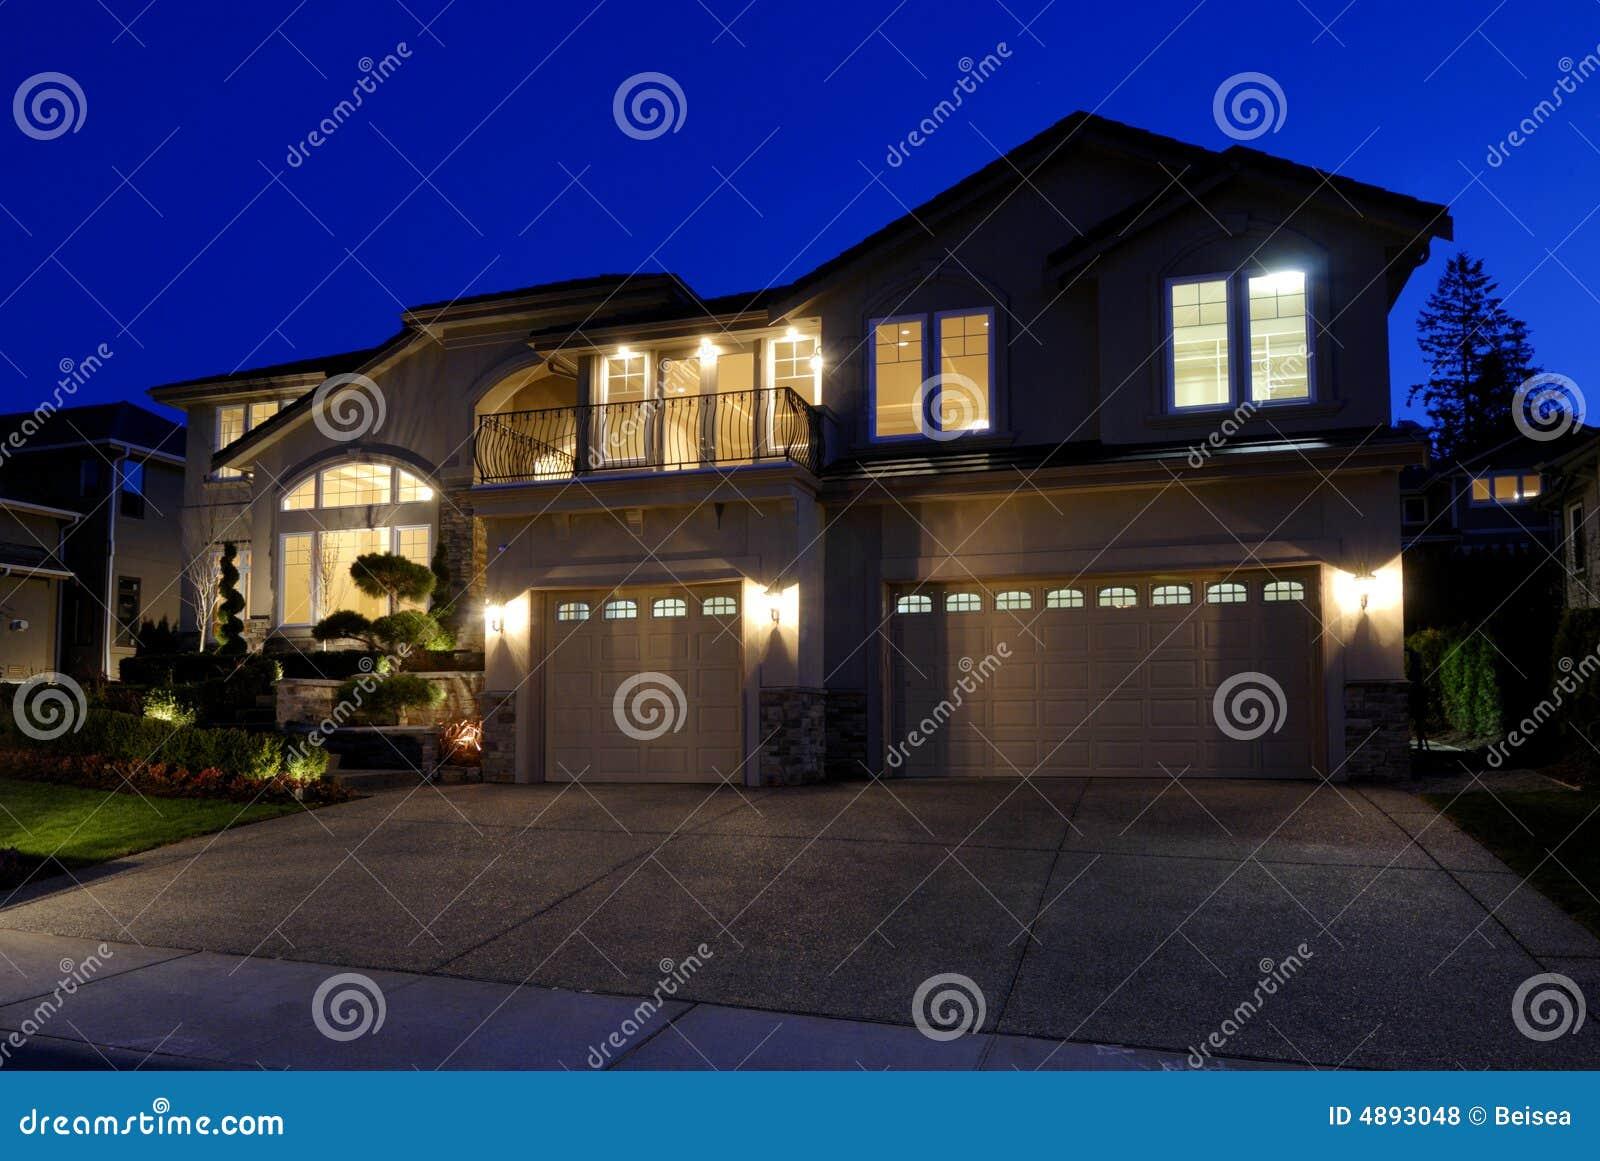 Neues amerikanisches Haus nachts